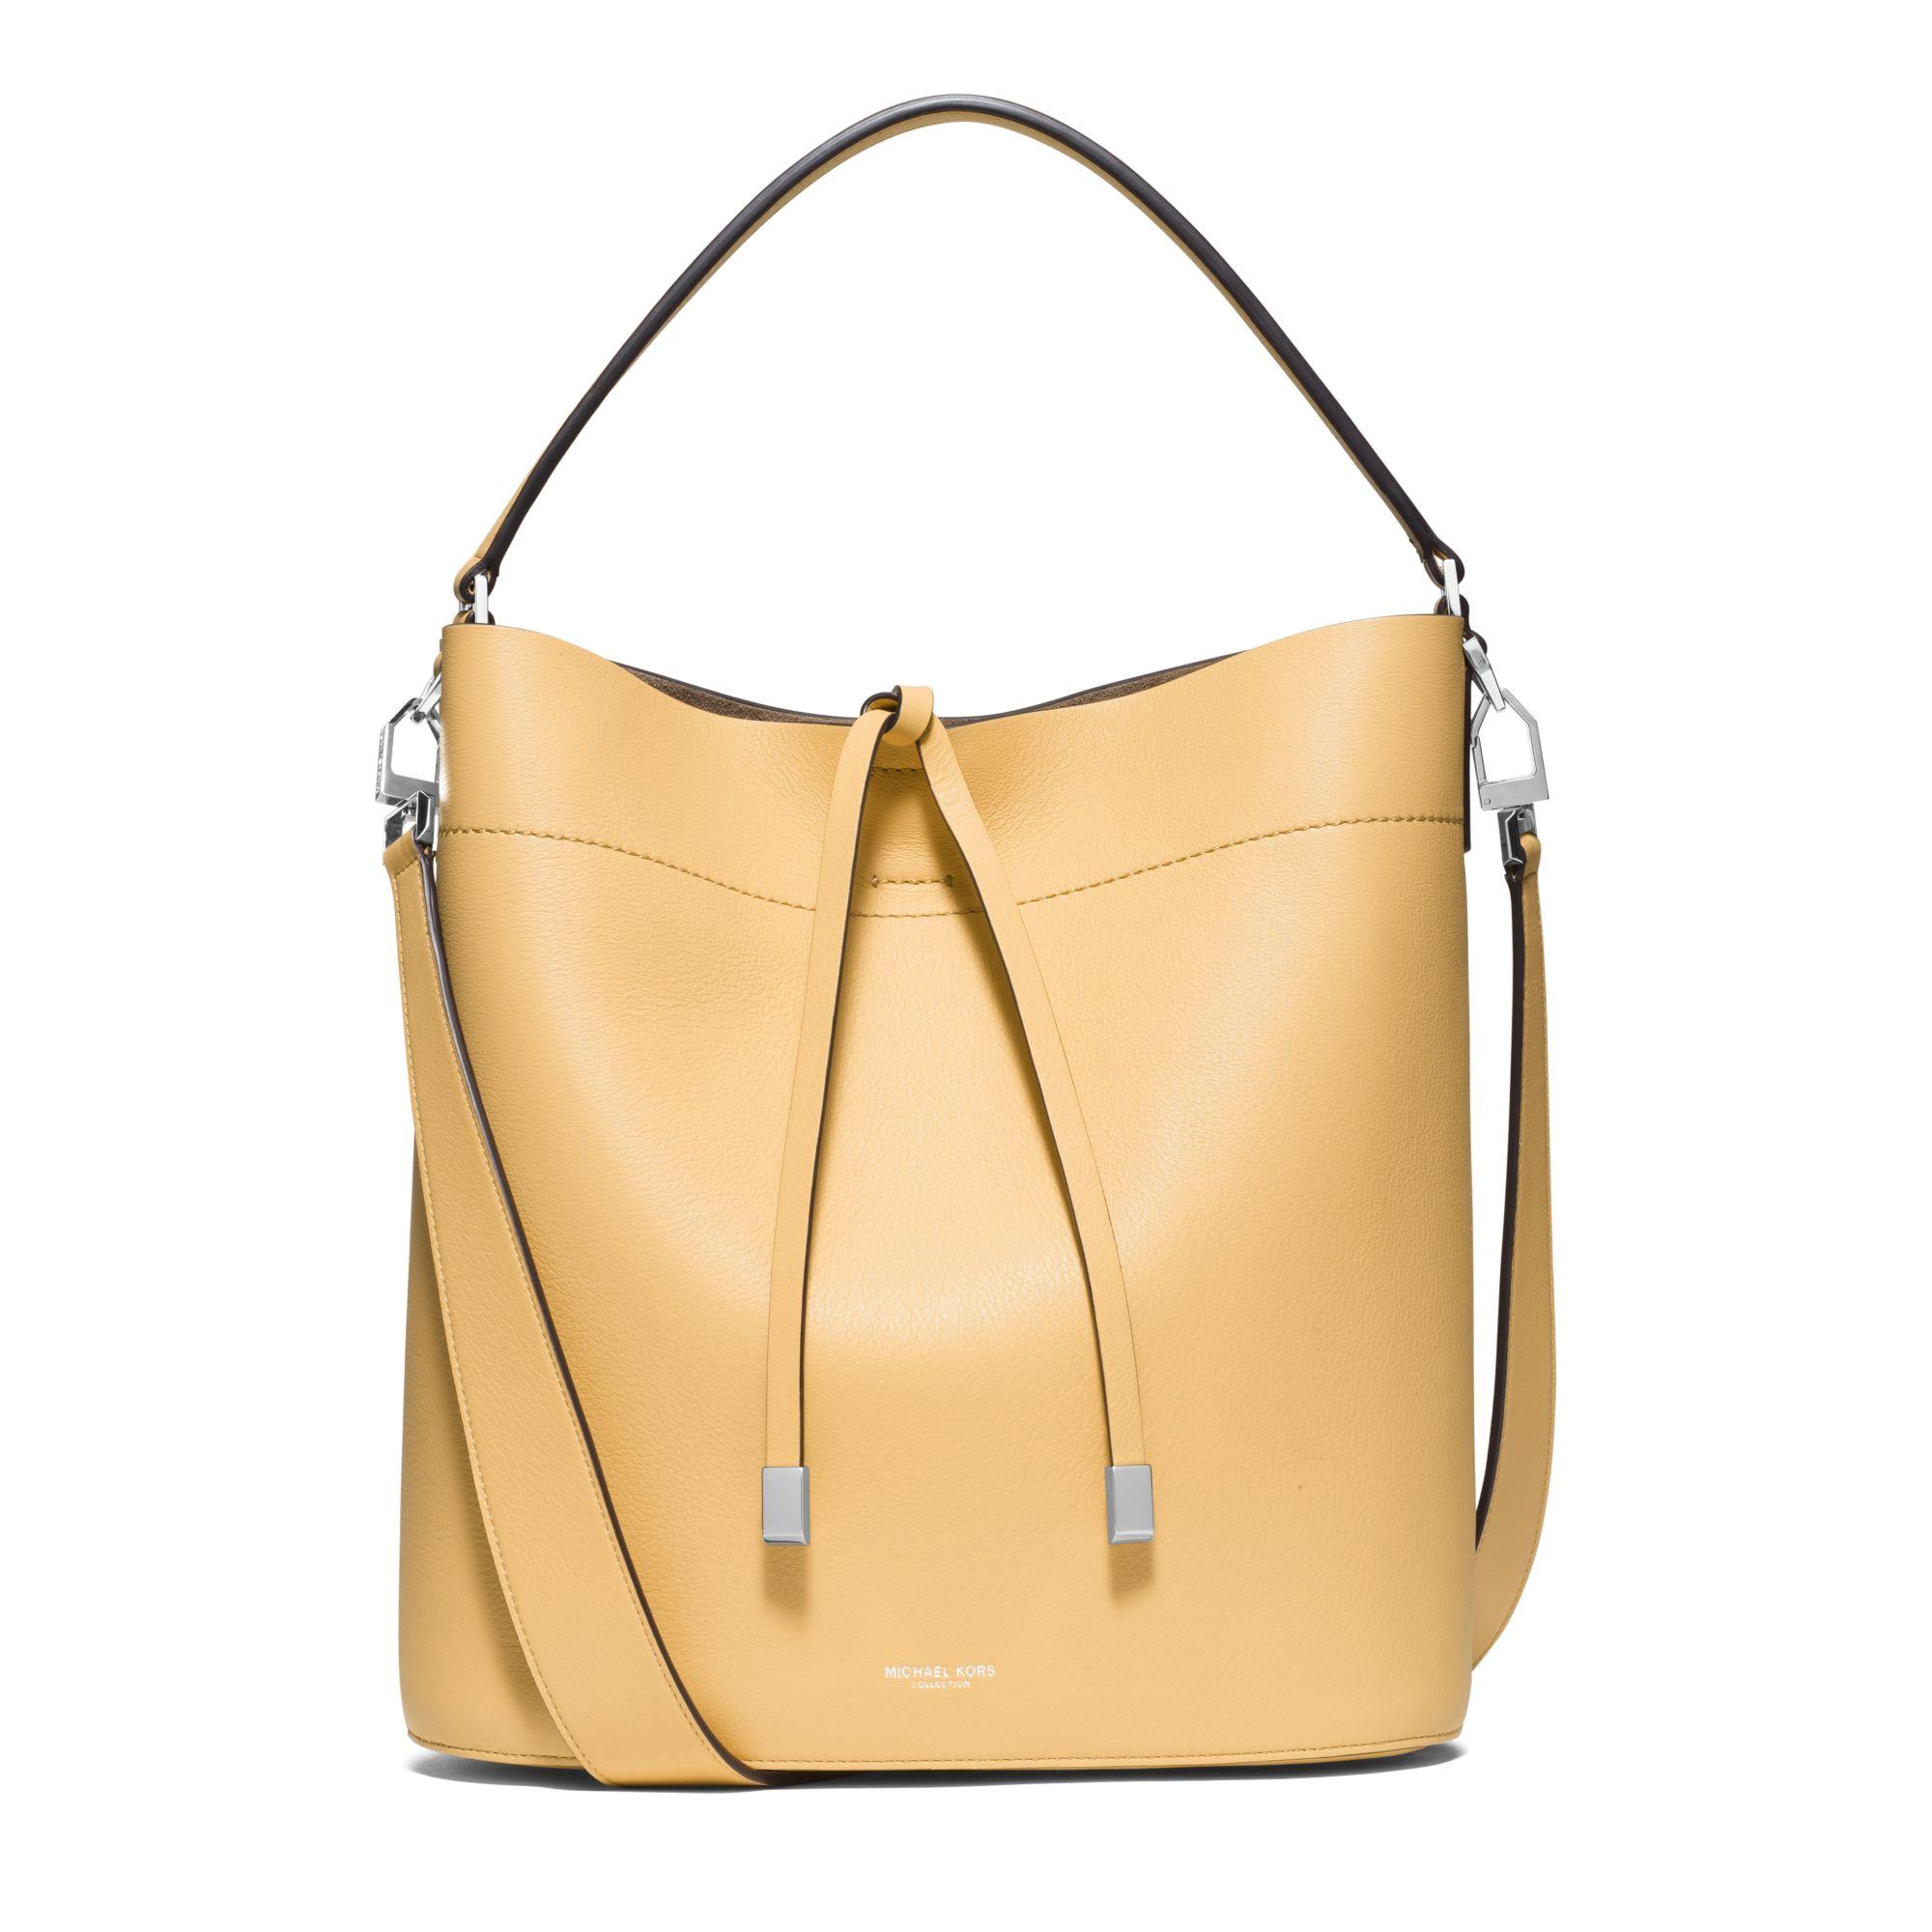 michael kors miranda large leather shoulder bag in yellow